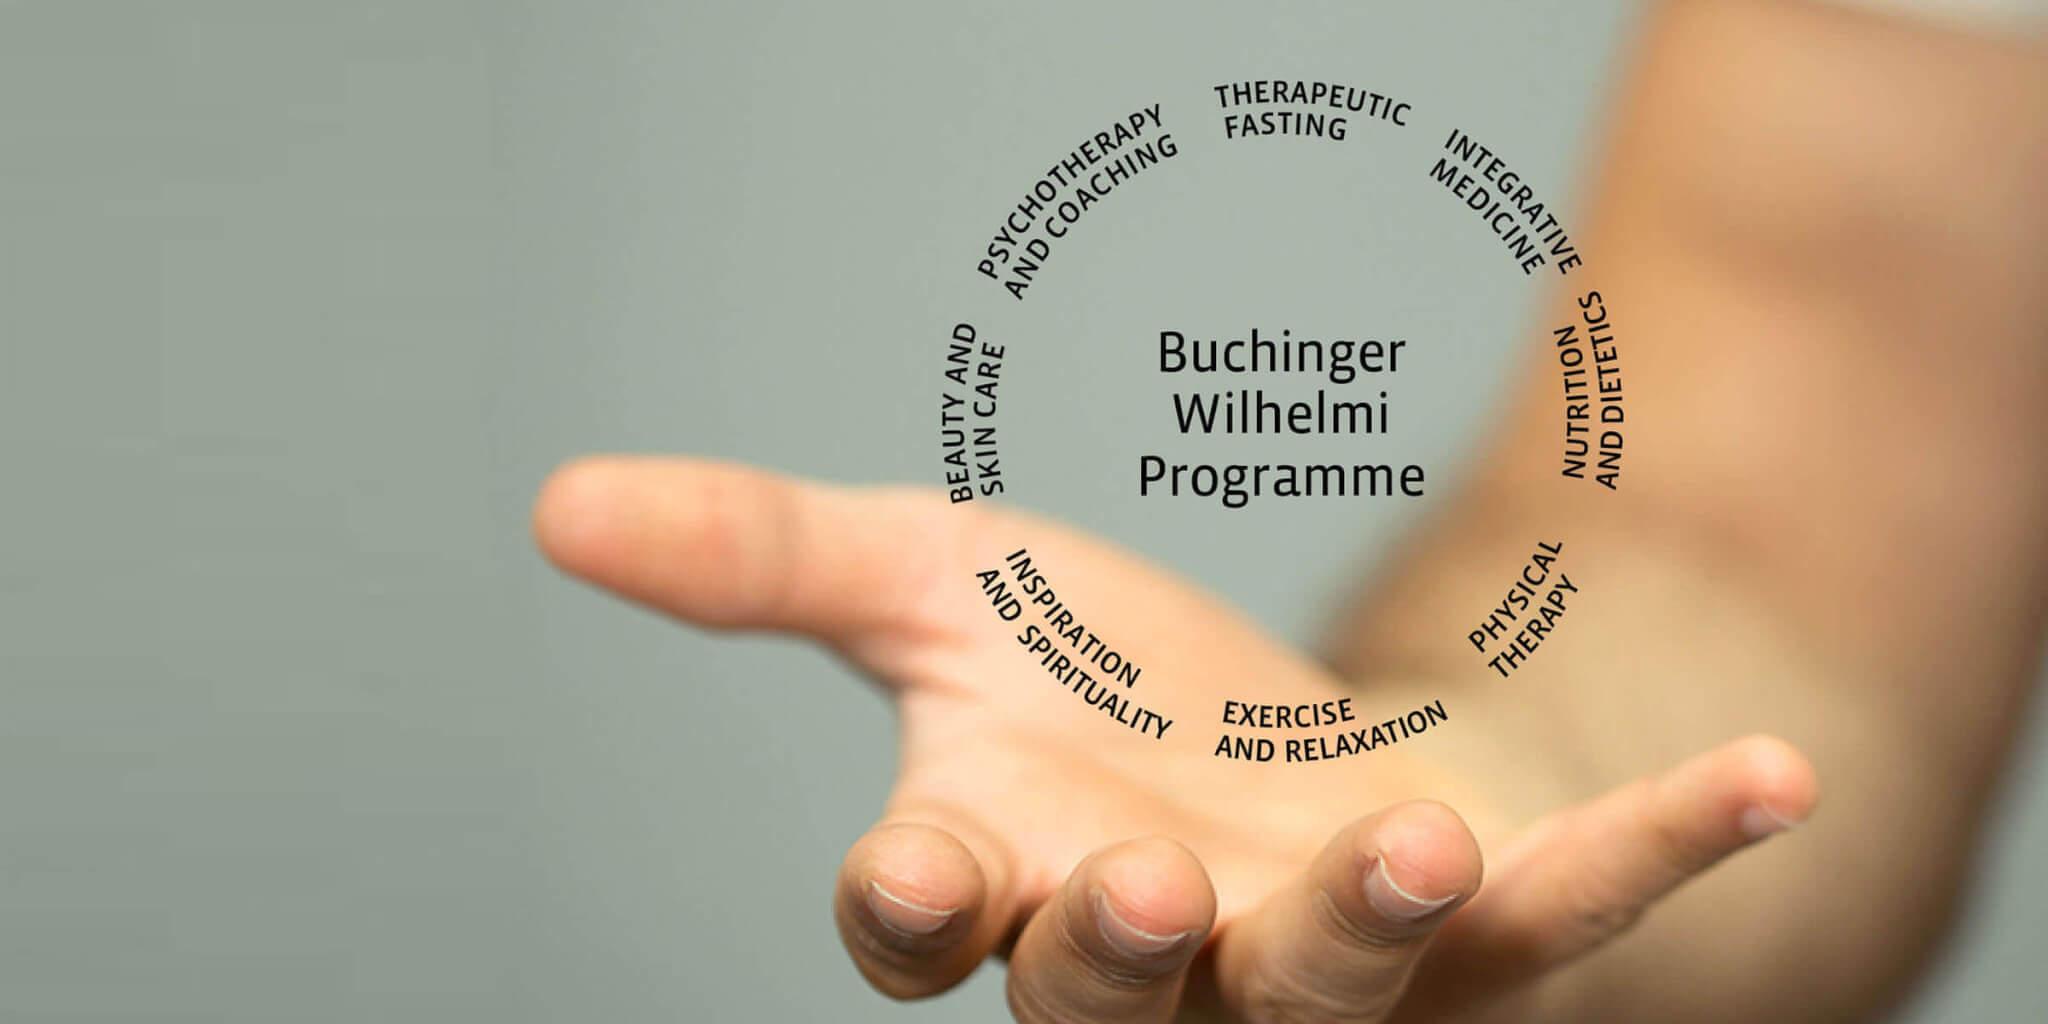 Buchinger Wilhelmi, Fasten, Heilfasten, Fasting, Health, Integrative Medicine, Buchinger Wilhelmi Programme,